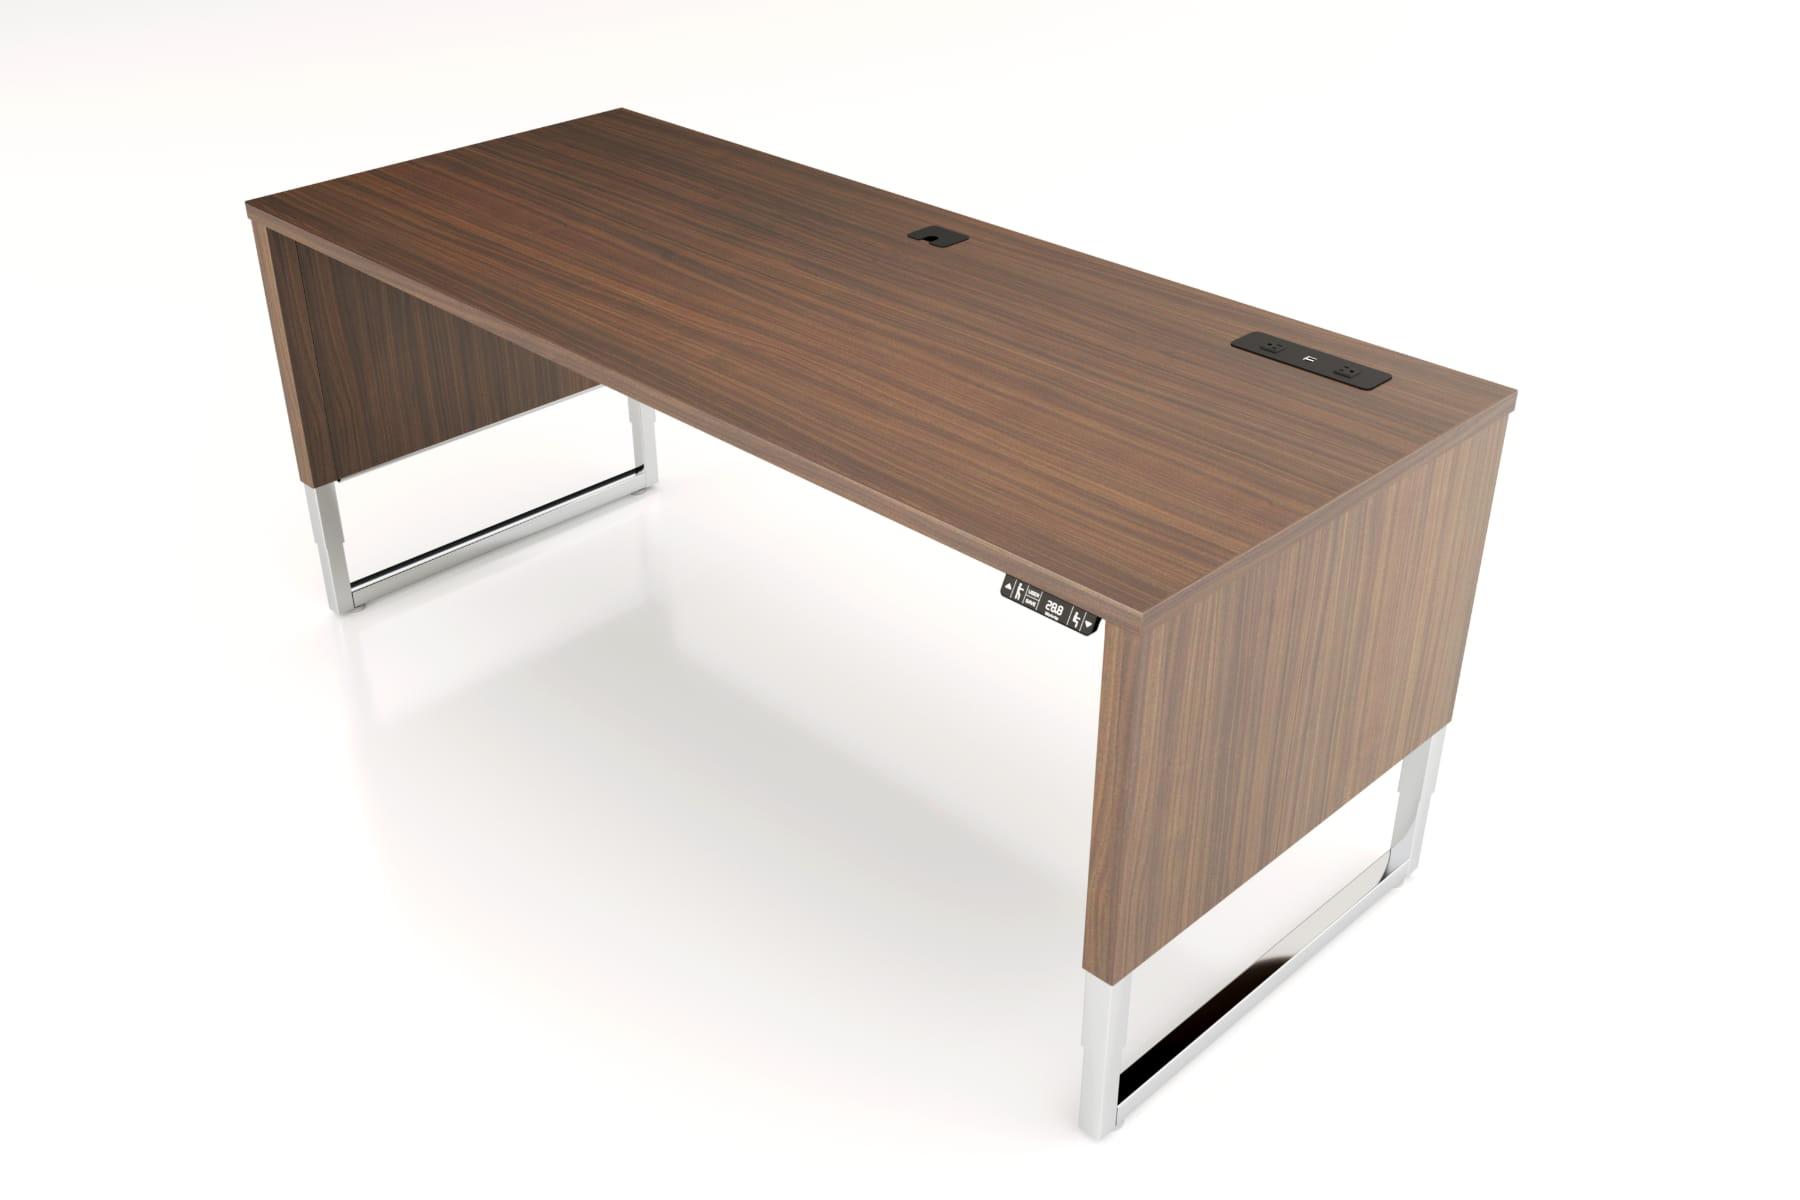 Advent-Desk-ADV-7230-WA-Mid-Front